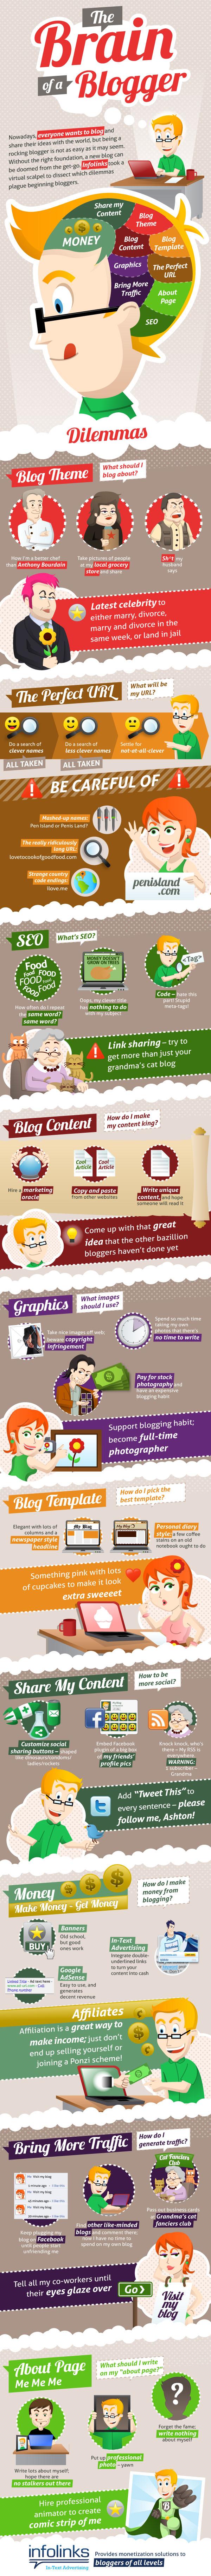 Bir Blogger'in Aklından Geçenler